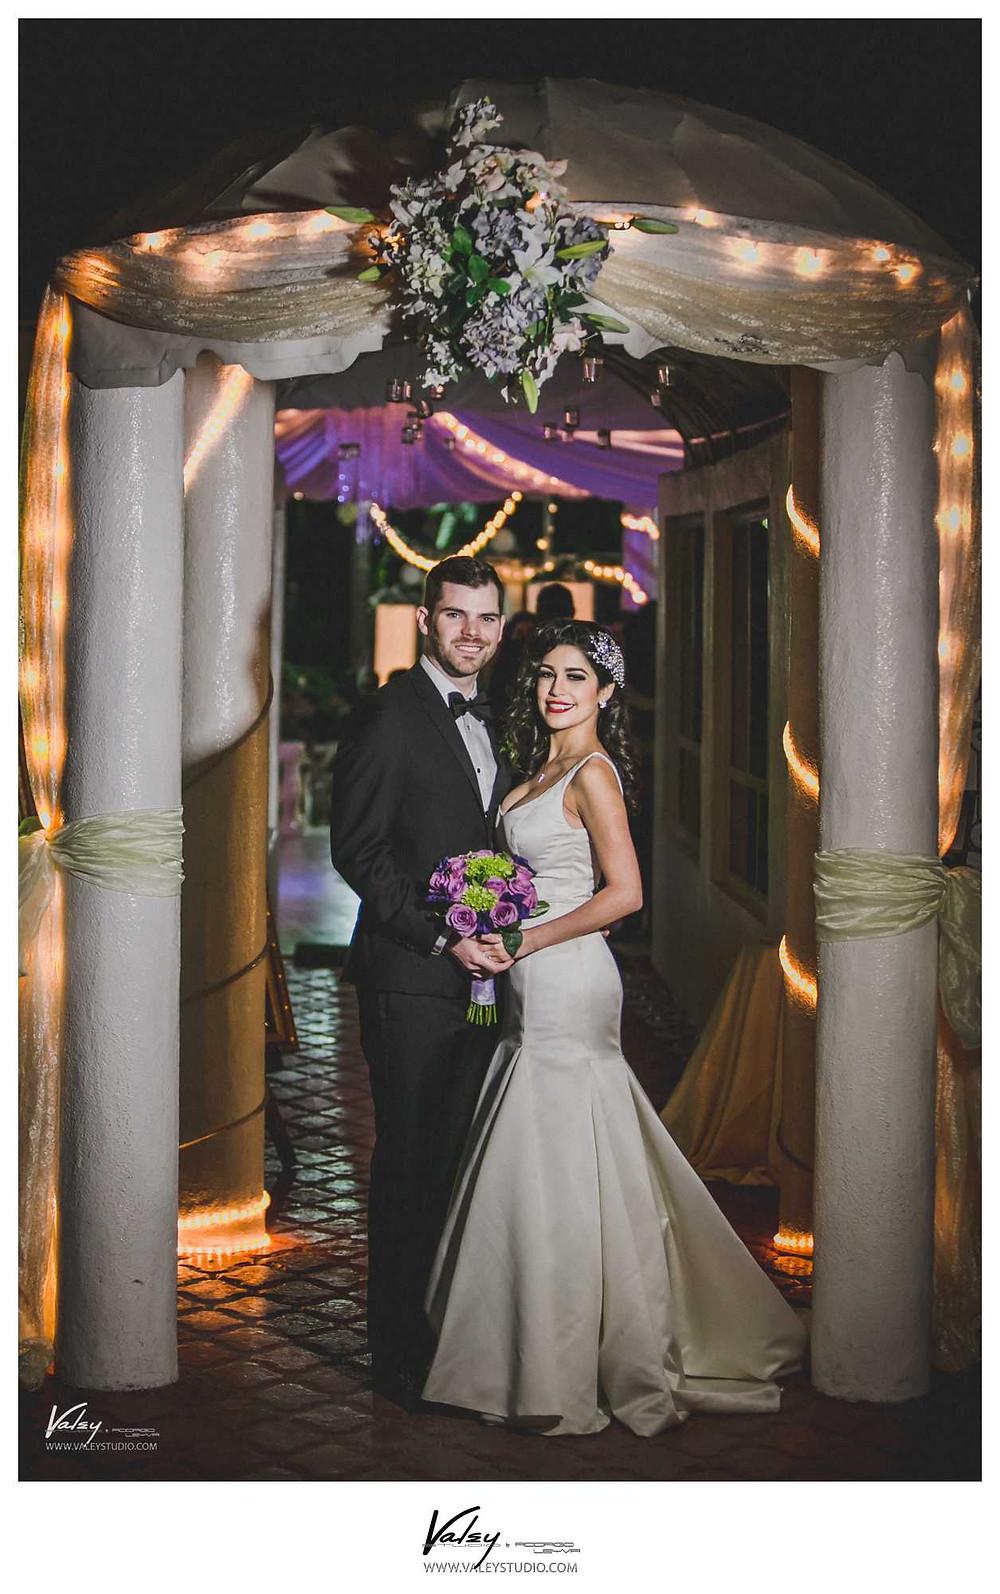 wedding-valeystudio-real-del-rio-tijuana-38.jpg